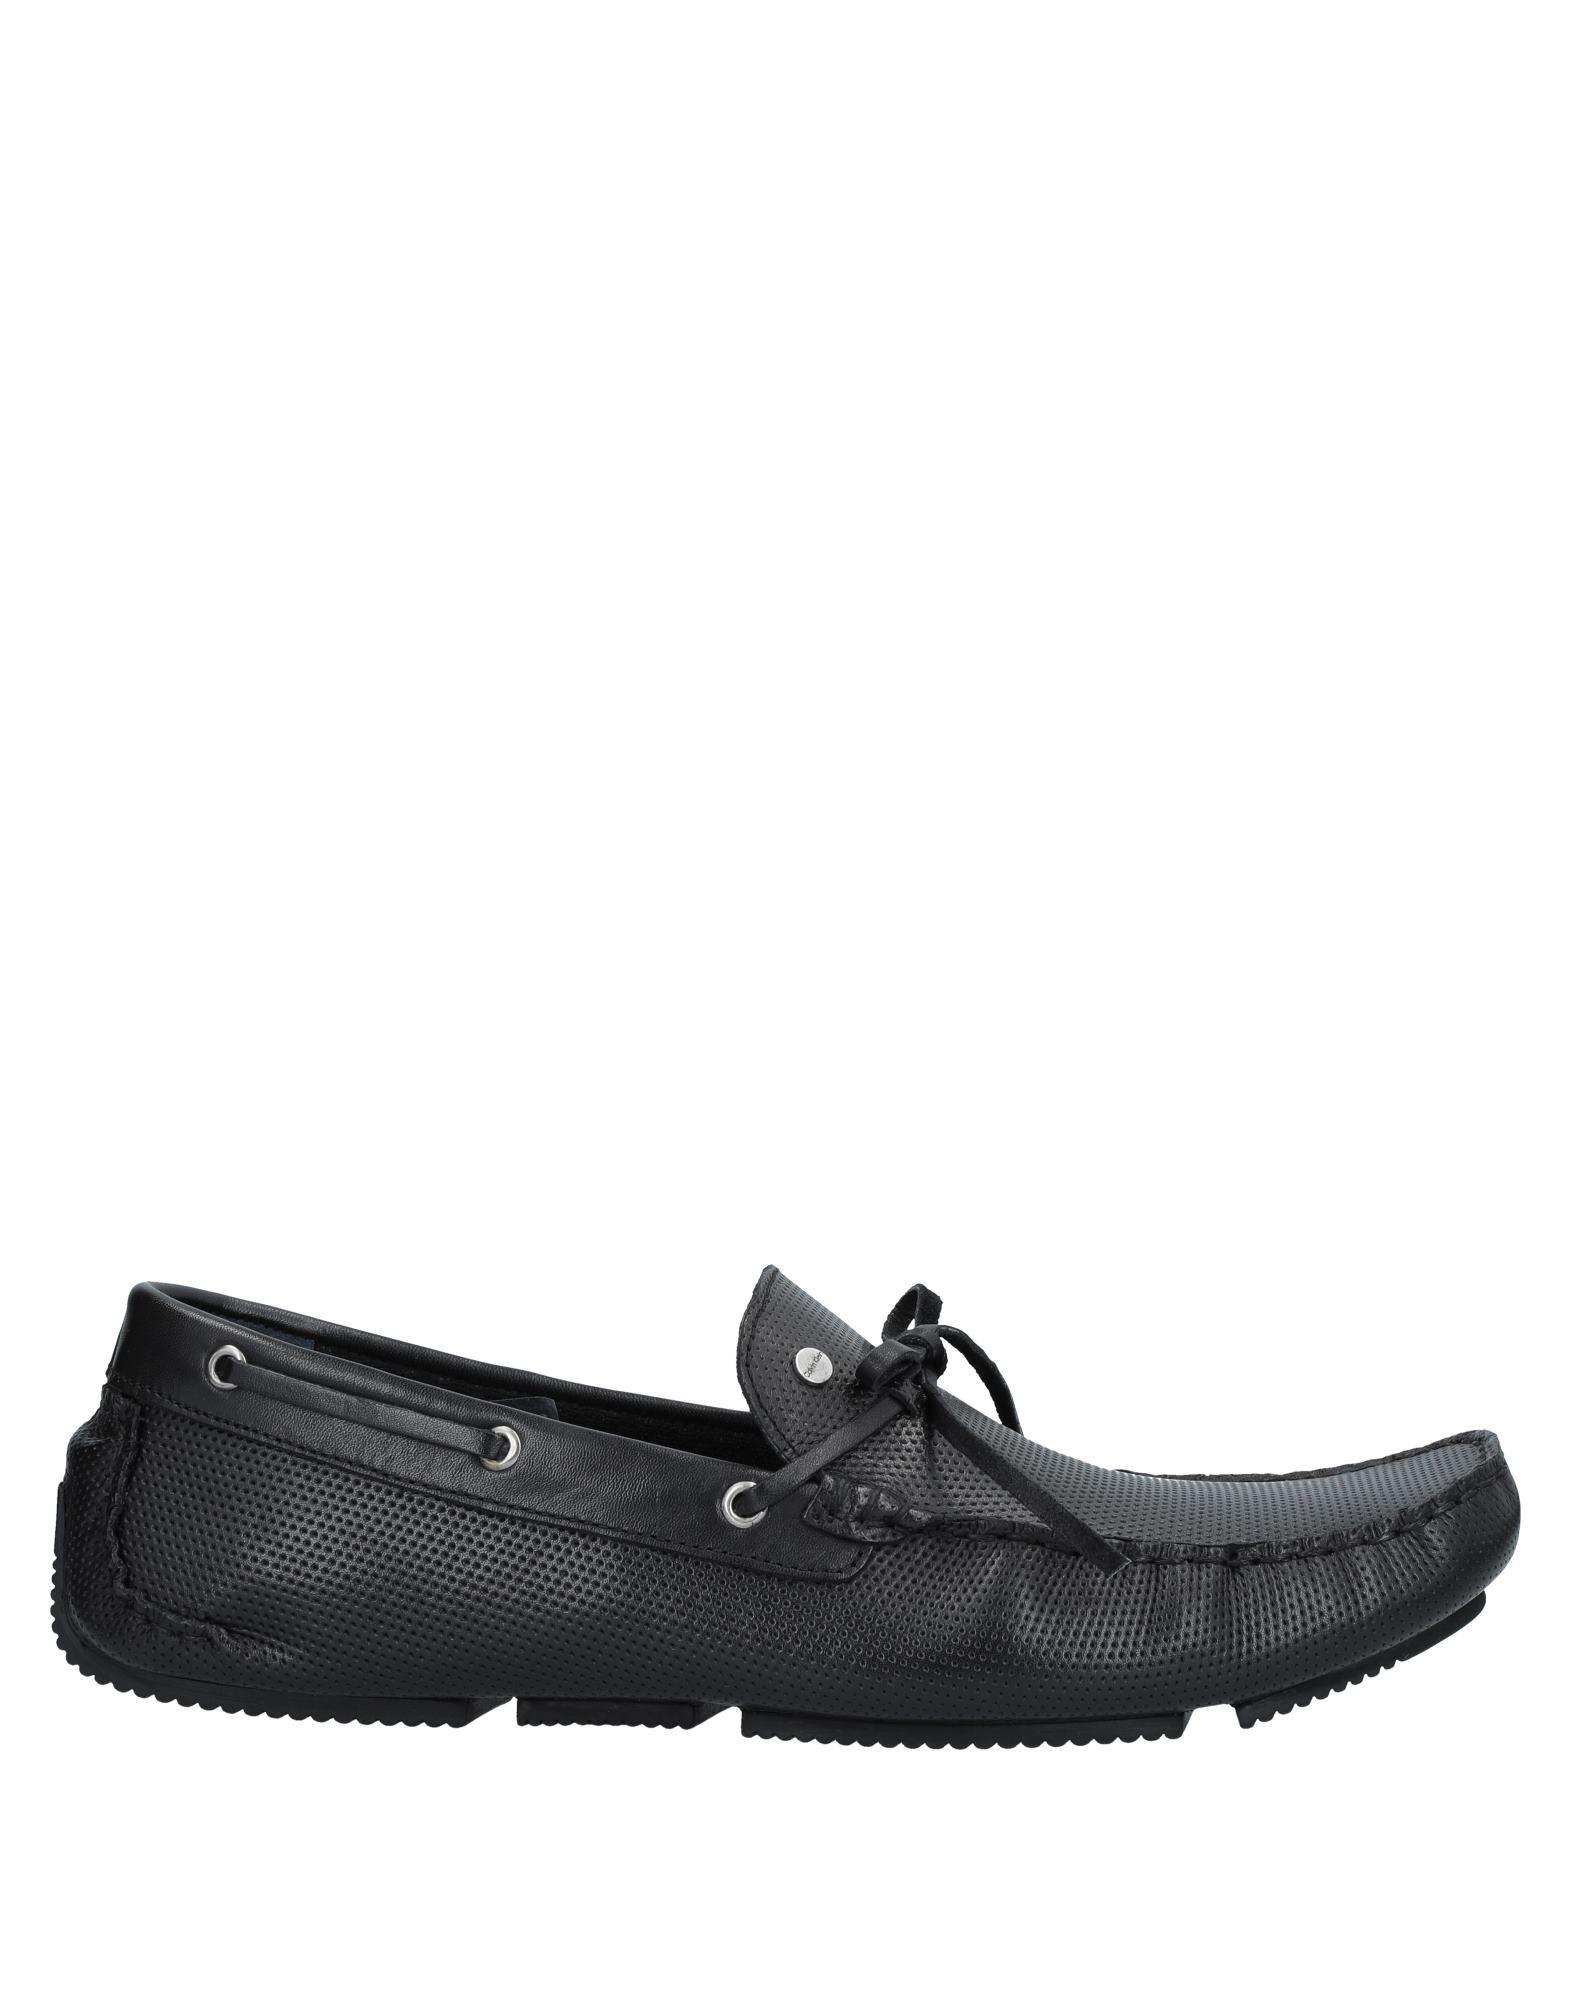 Calvin Klein Collection Mokassins Herren  11540155LM Gute Qualität beliebte Schuhe